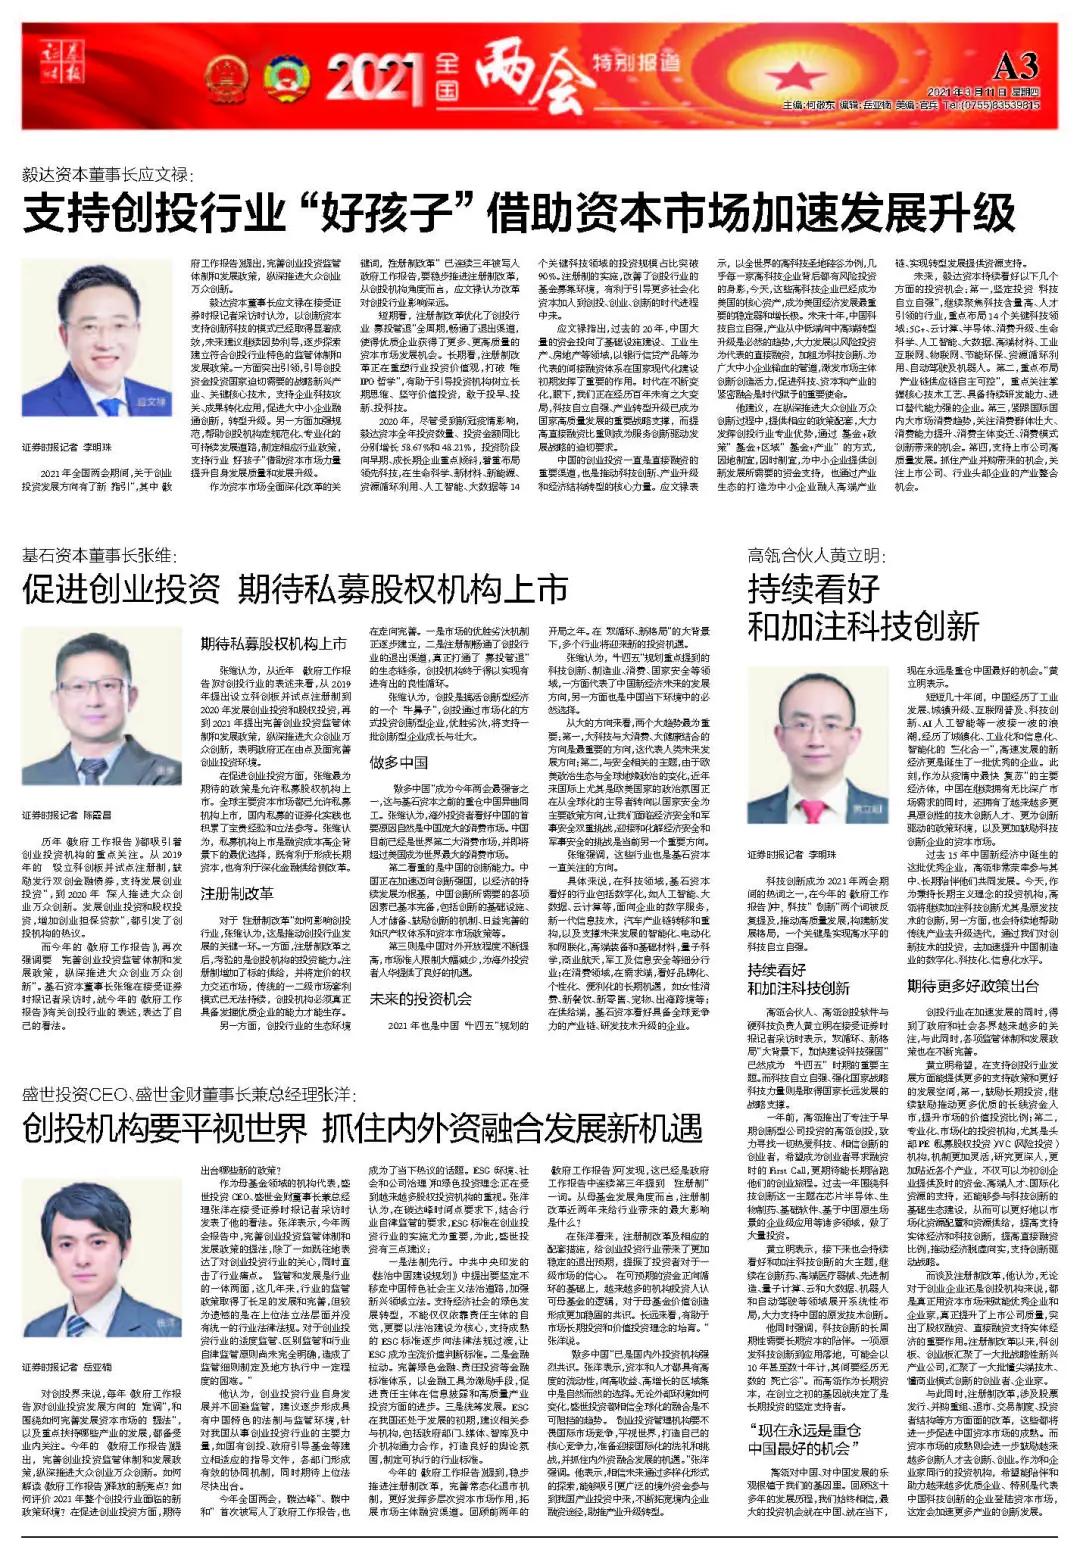 《证券时报》创投机构要不畏国际竞争 抓住内外资融合发展新机遇